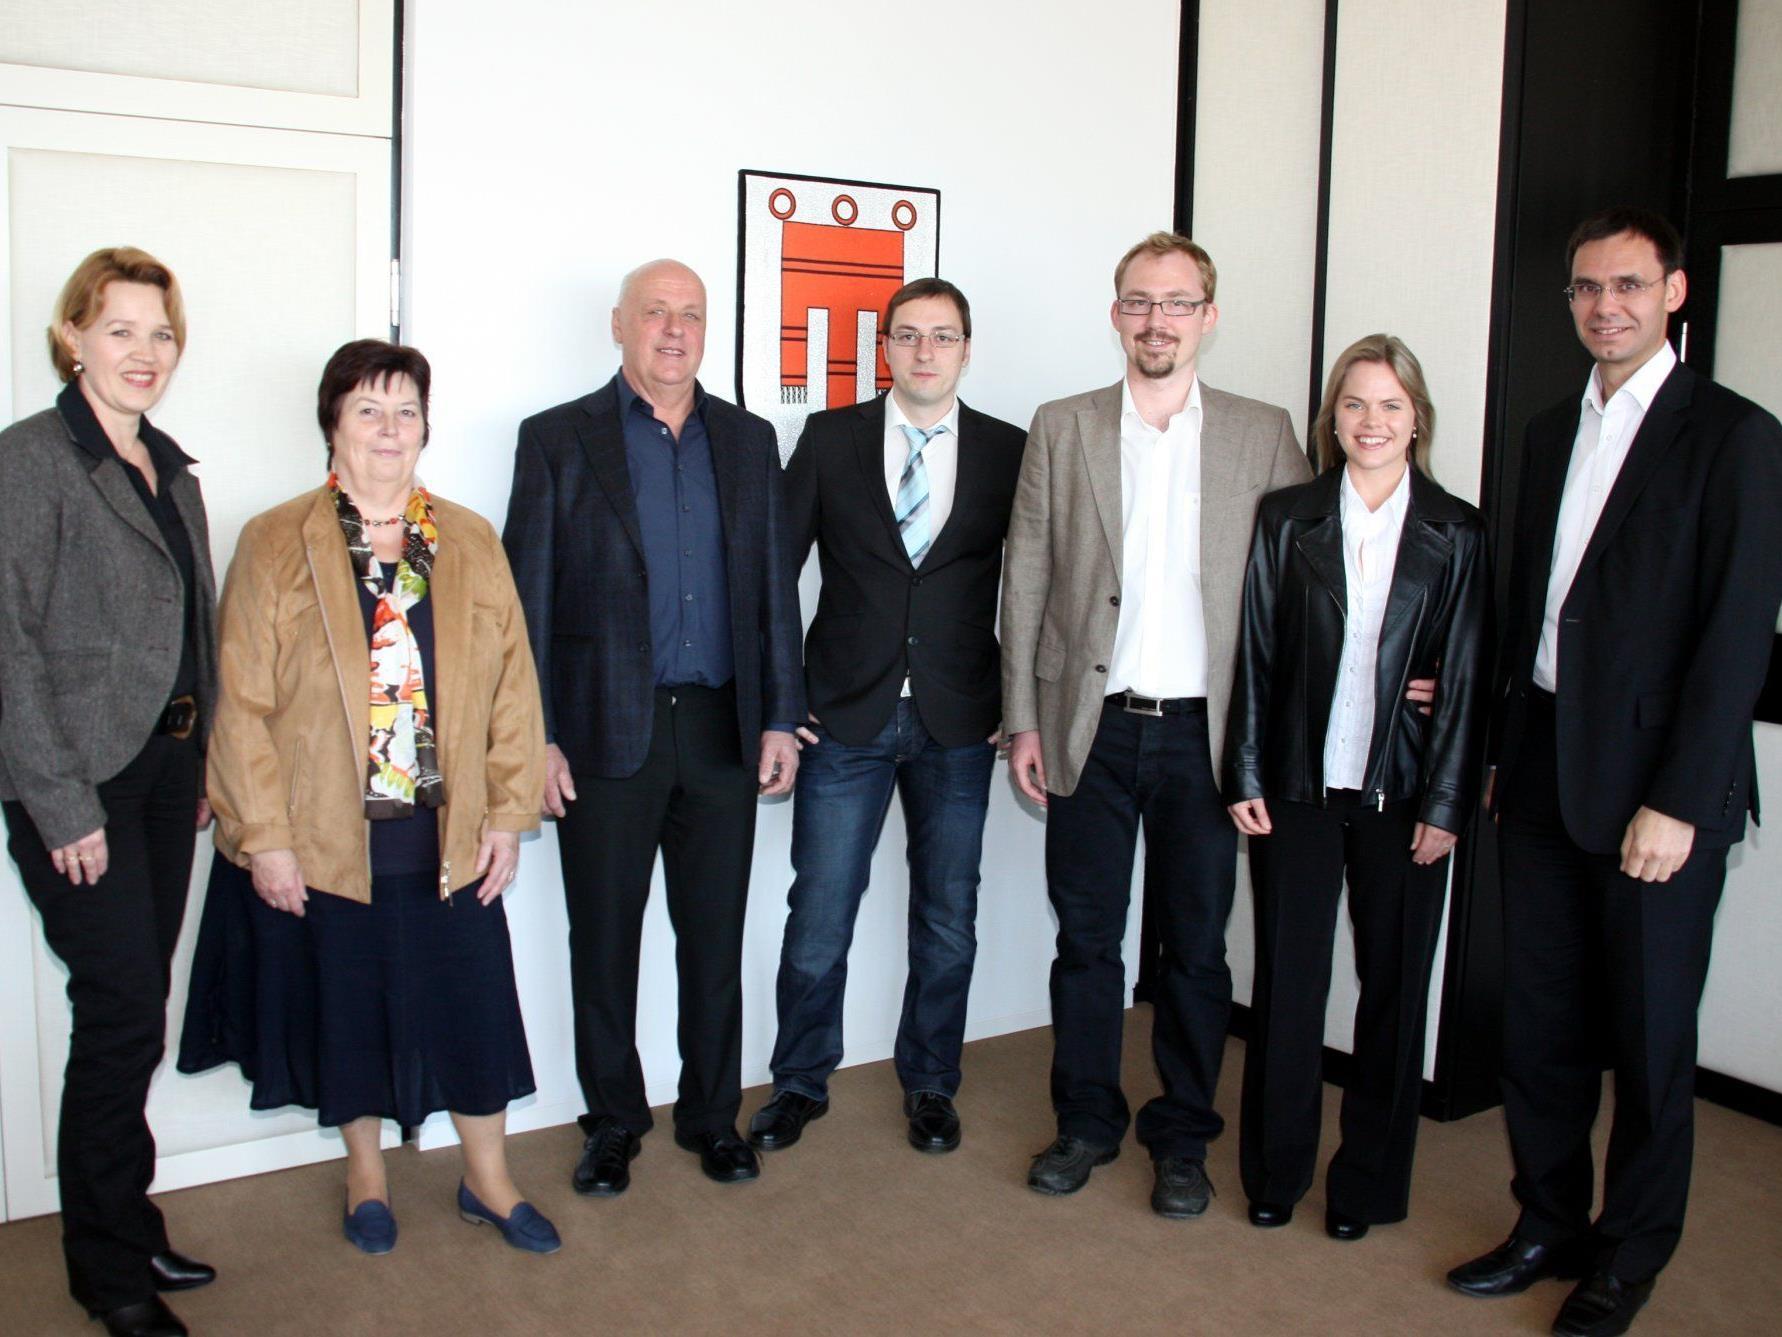 Christian Hilbe (Mitte) wurde von seinen Eltern (links) begleitet, Nicola Pehböck-Walser (r.) von ihrem Mann Daniel Pehböck.